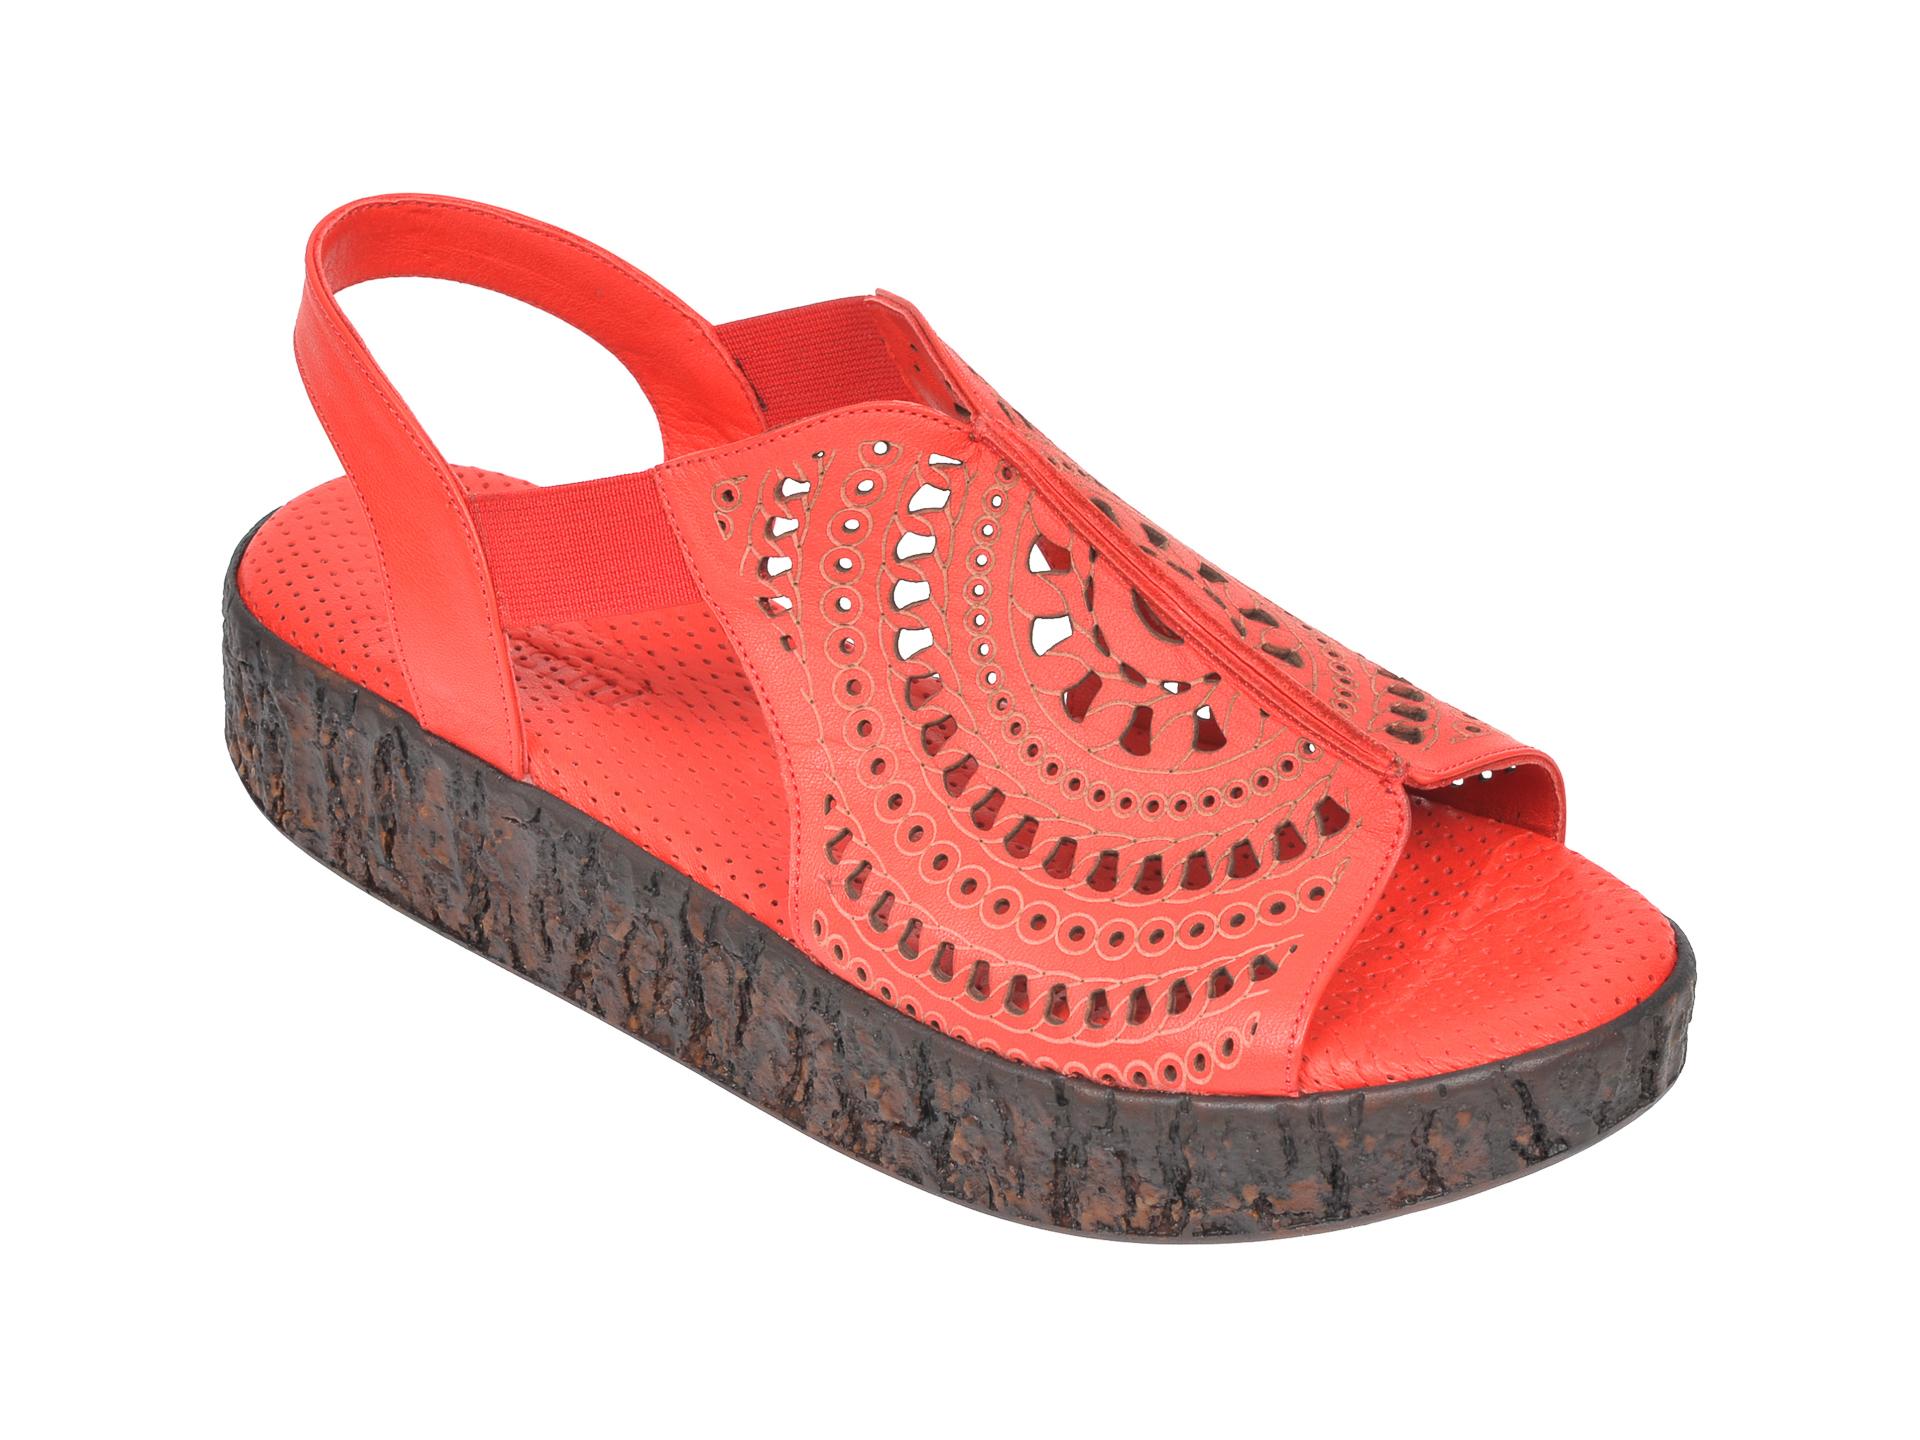 Sandale FLAVIA PASSINI rosii, 2100, din piele naturala imagine